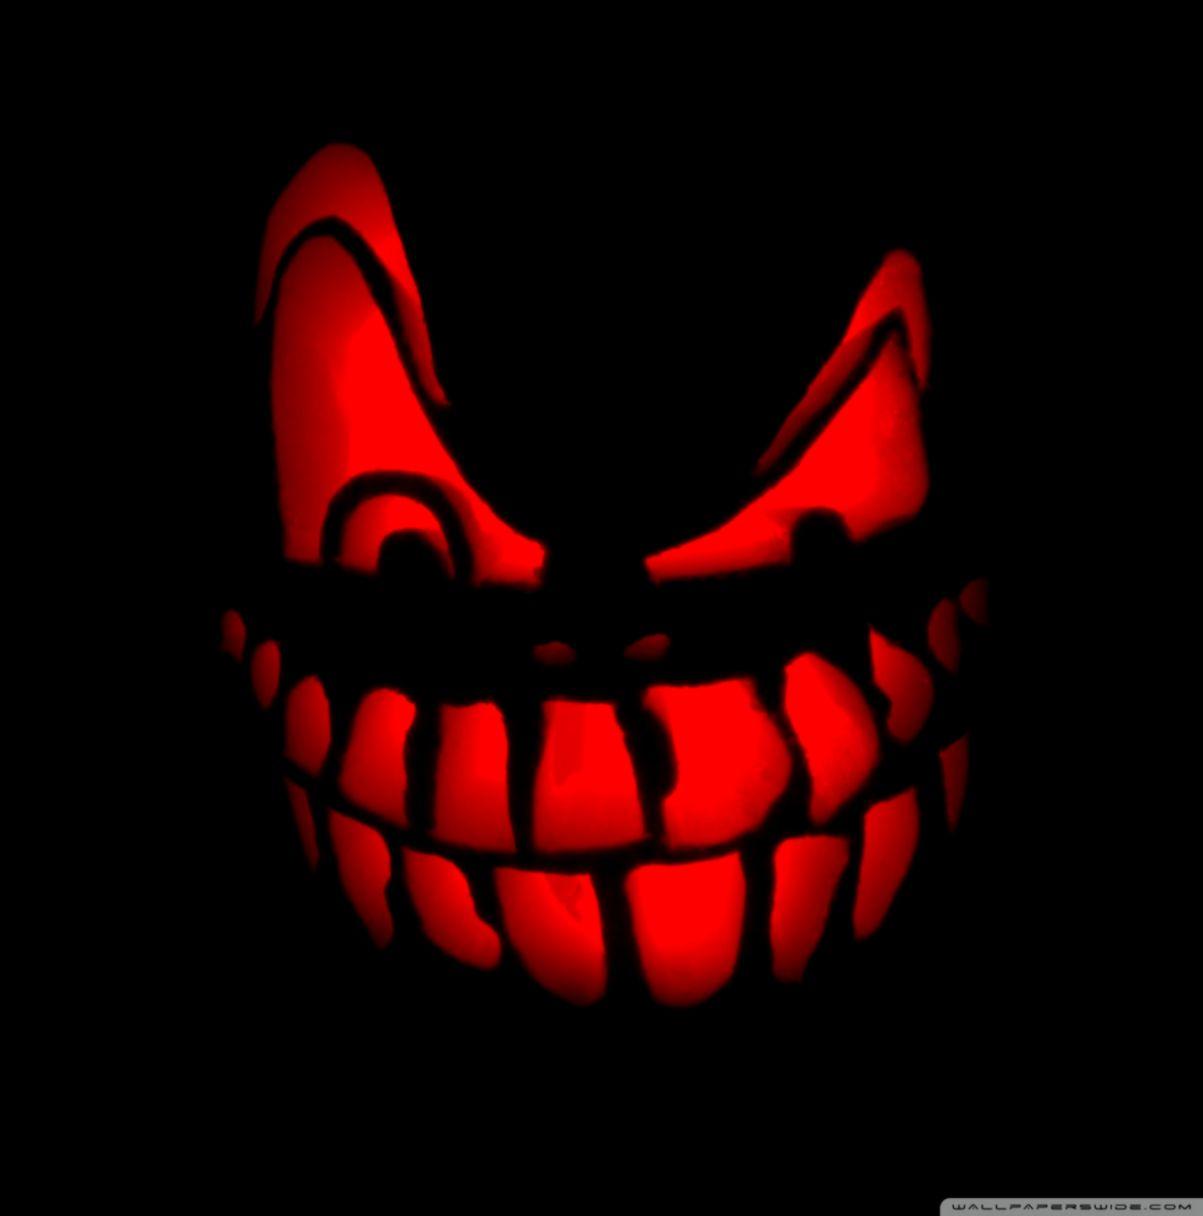 Download Halloween Wallpaper Wallpapers Emoji 1203x1216